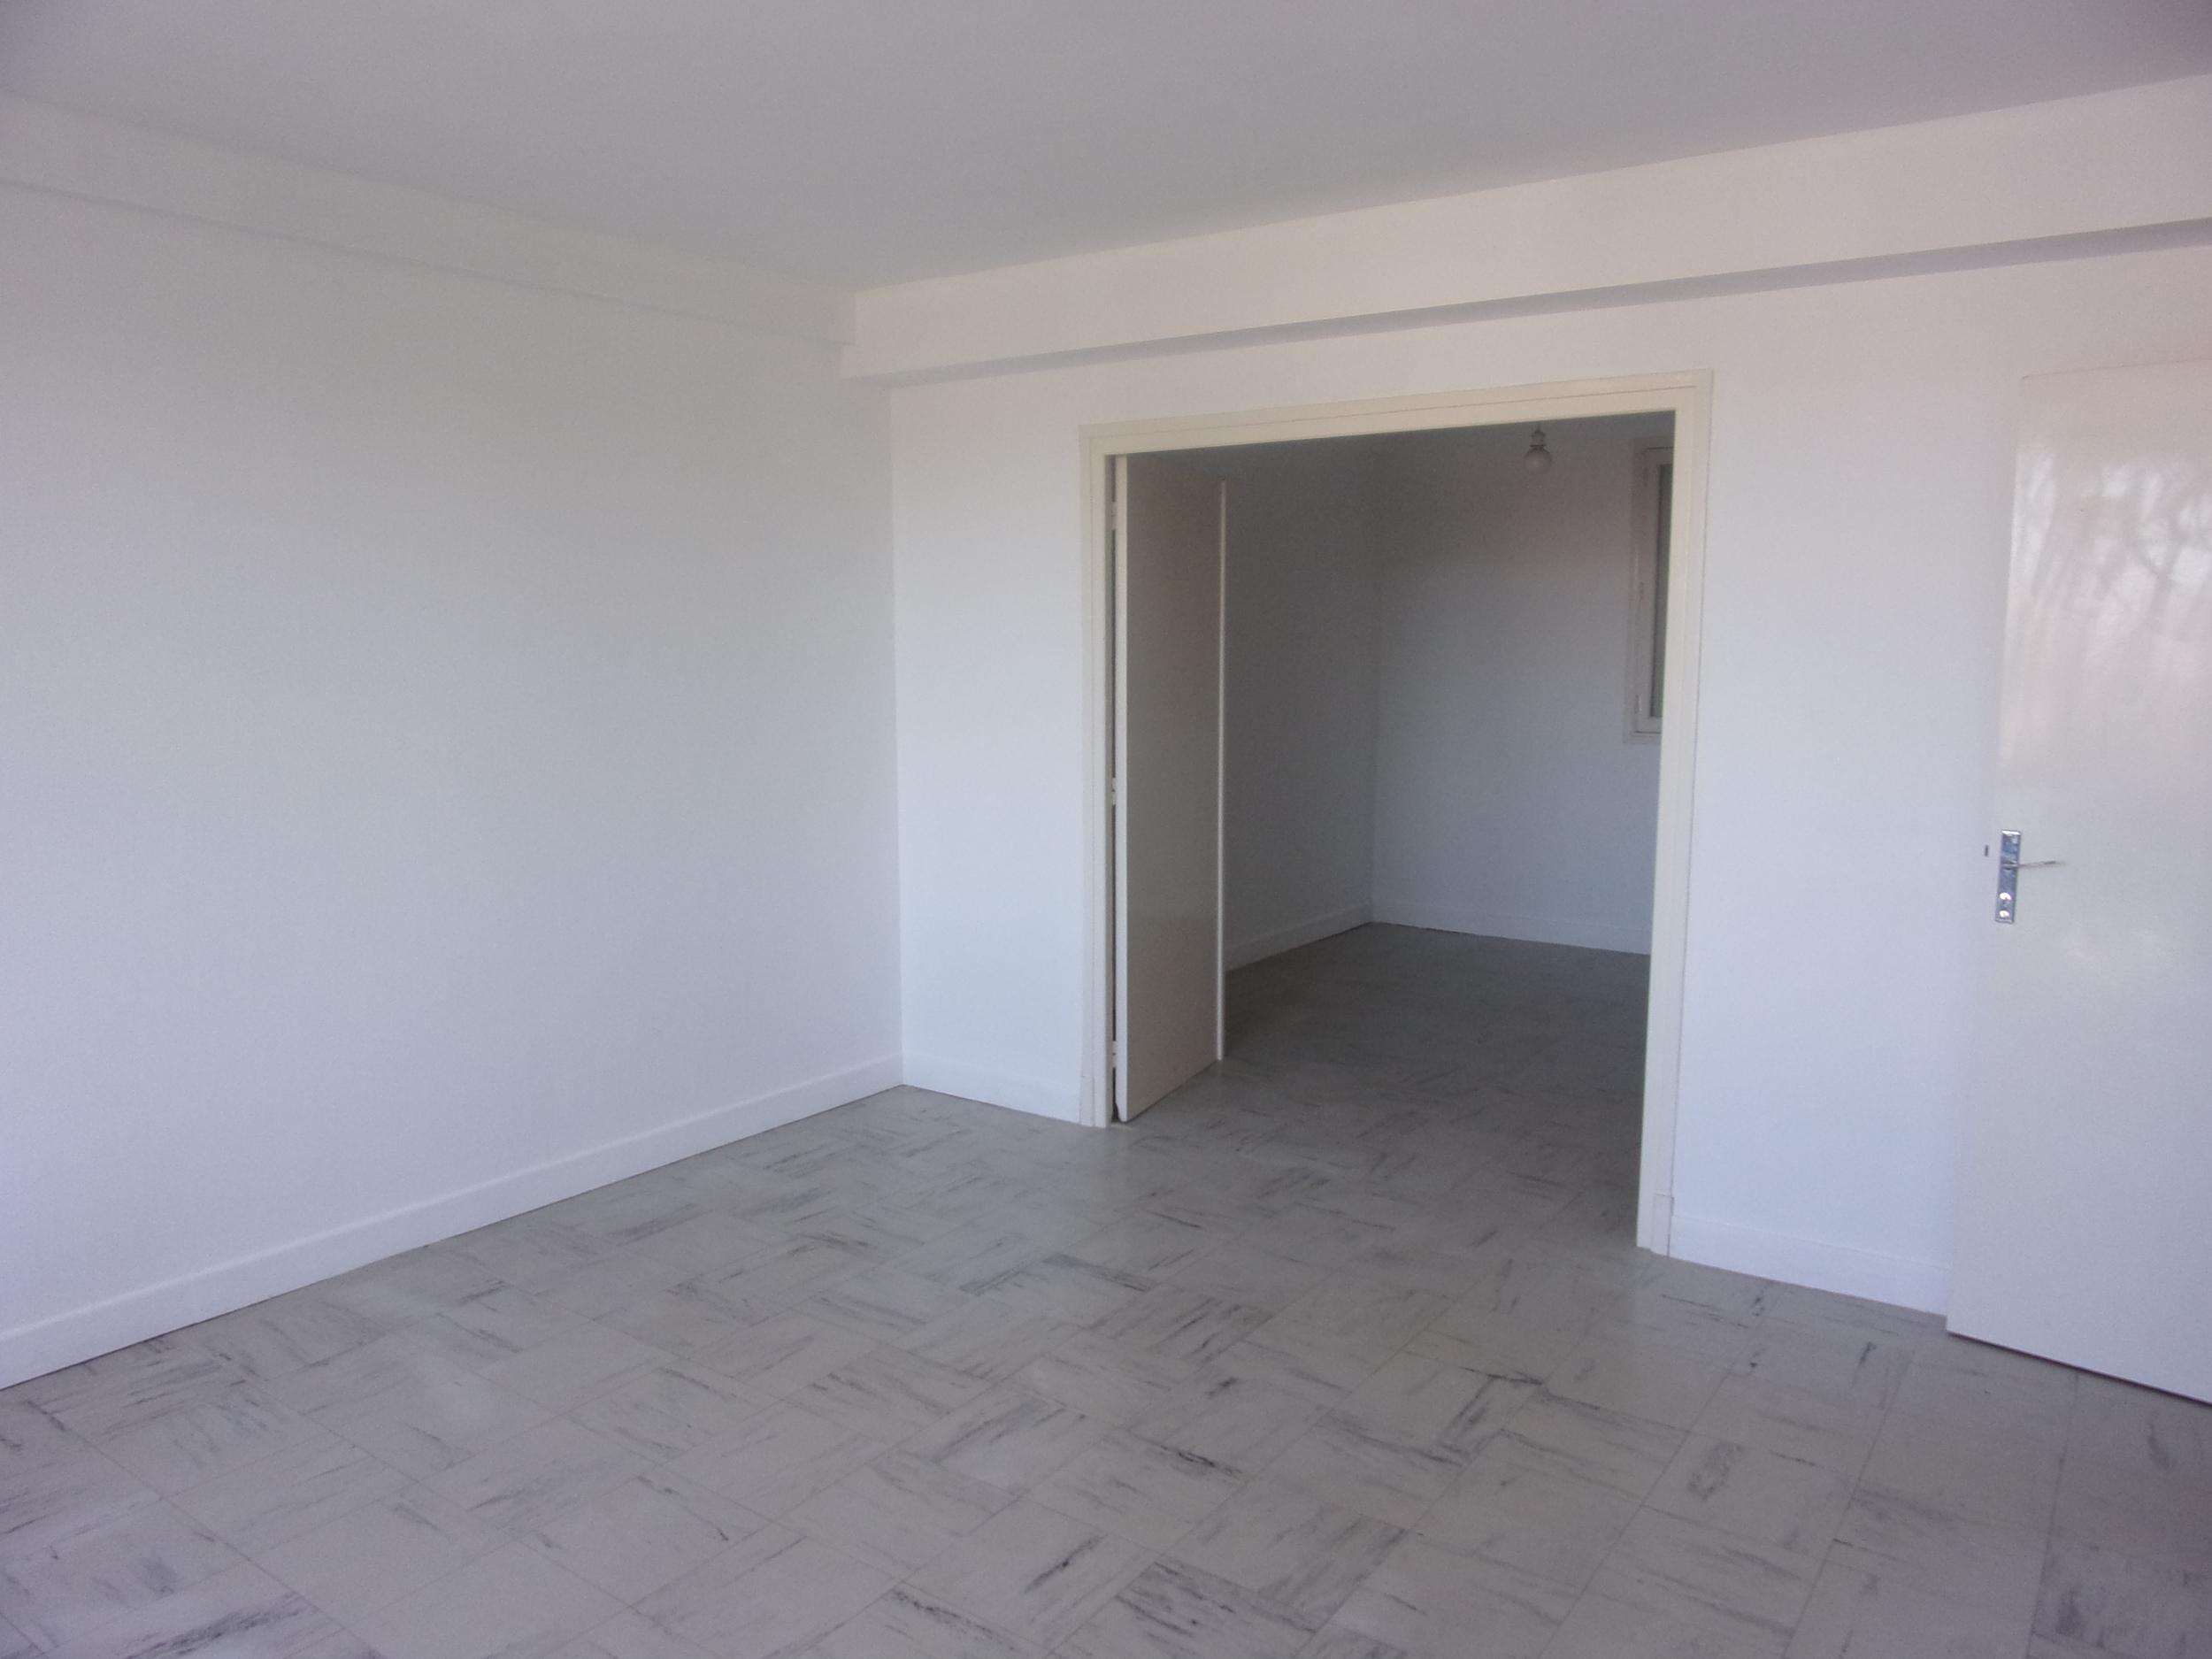 vente Appartement 4 pièces Lourdes 65100